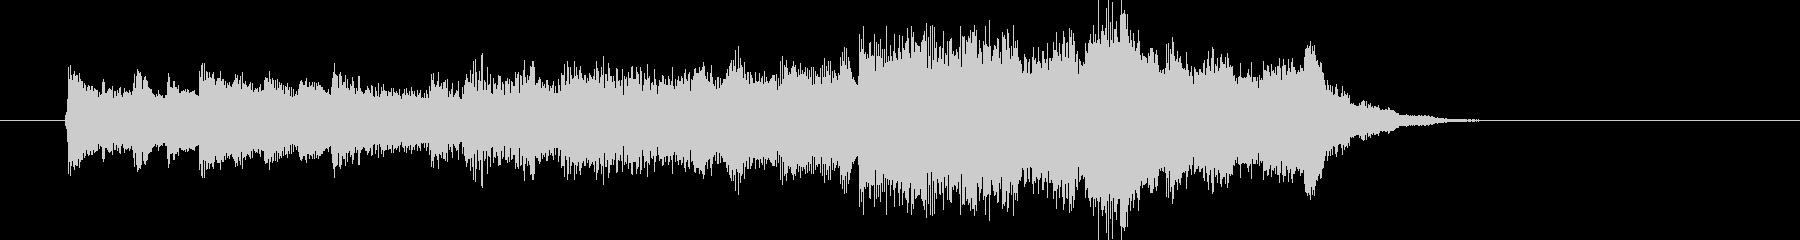 ピアノとストリングスが特徴のジングル曲の未再生の波形